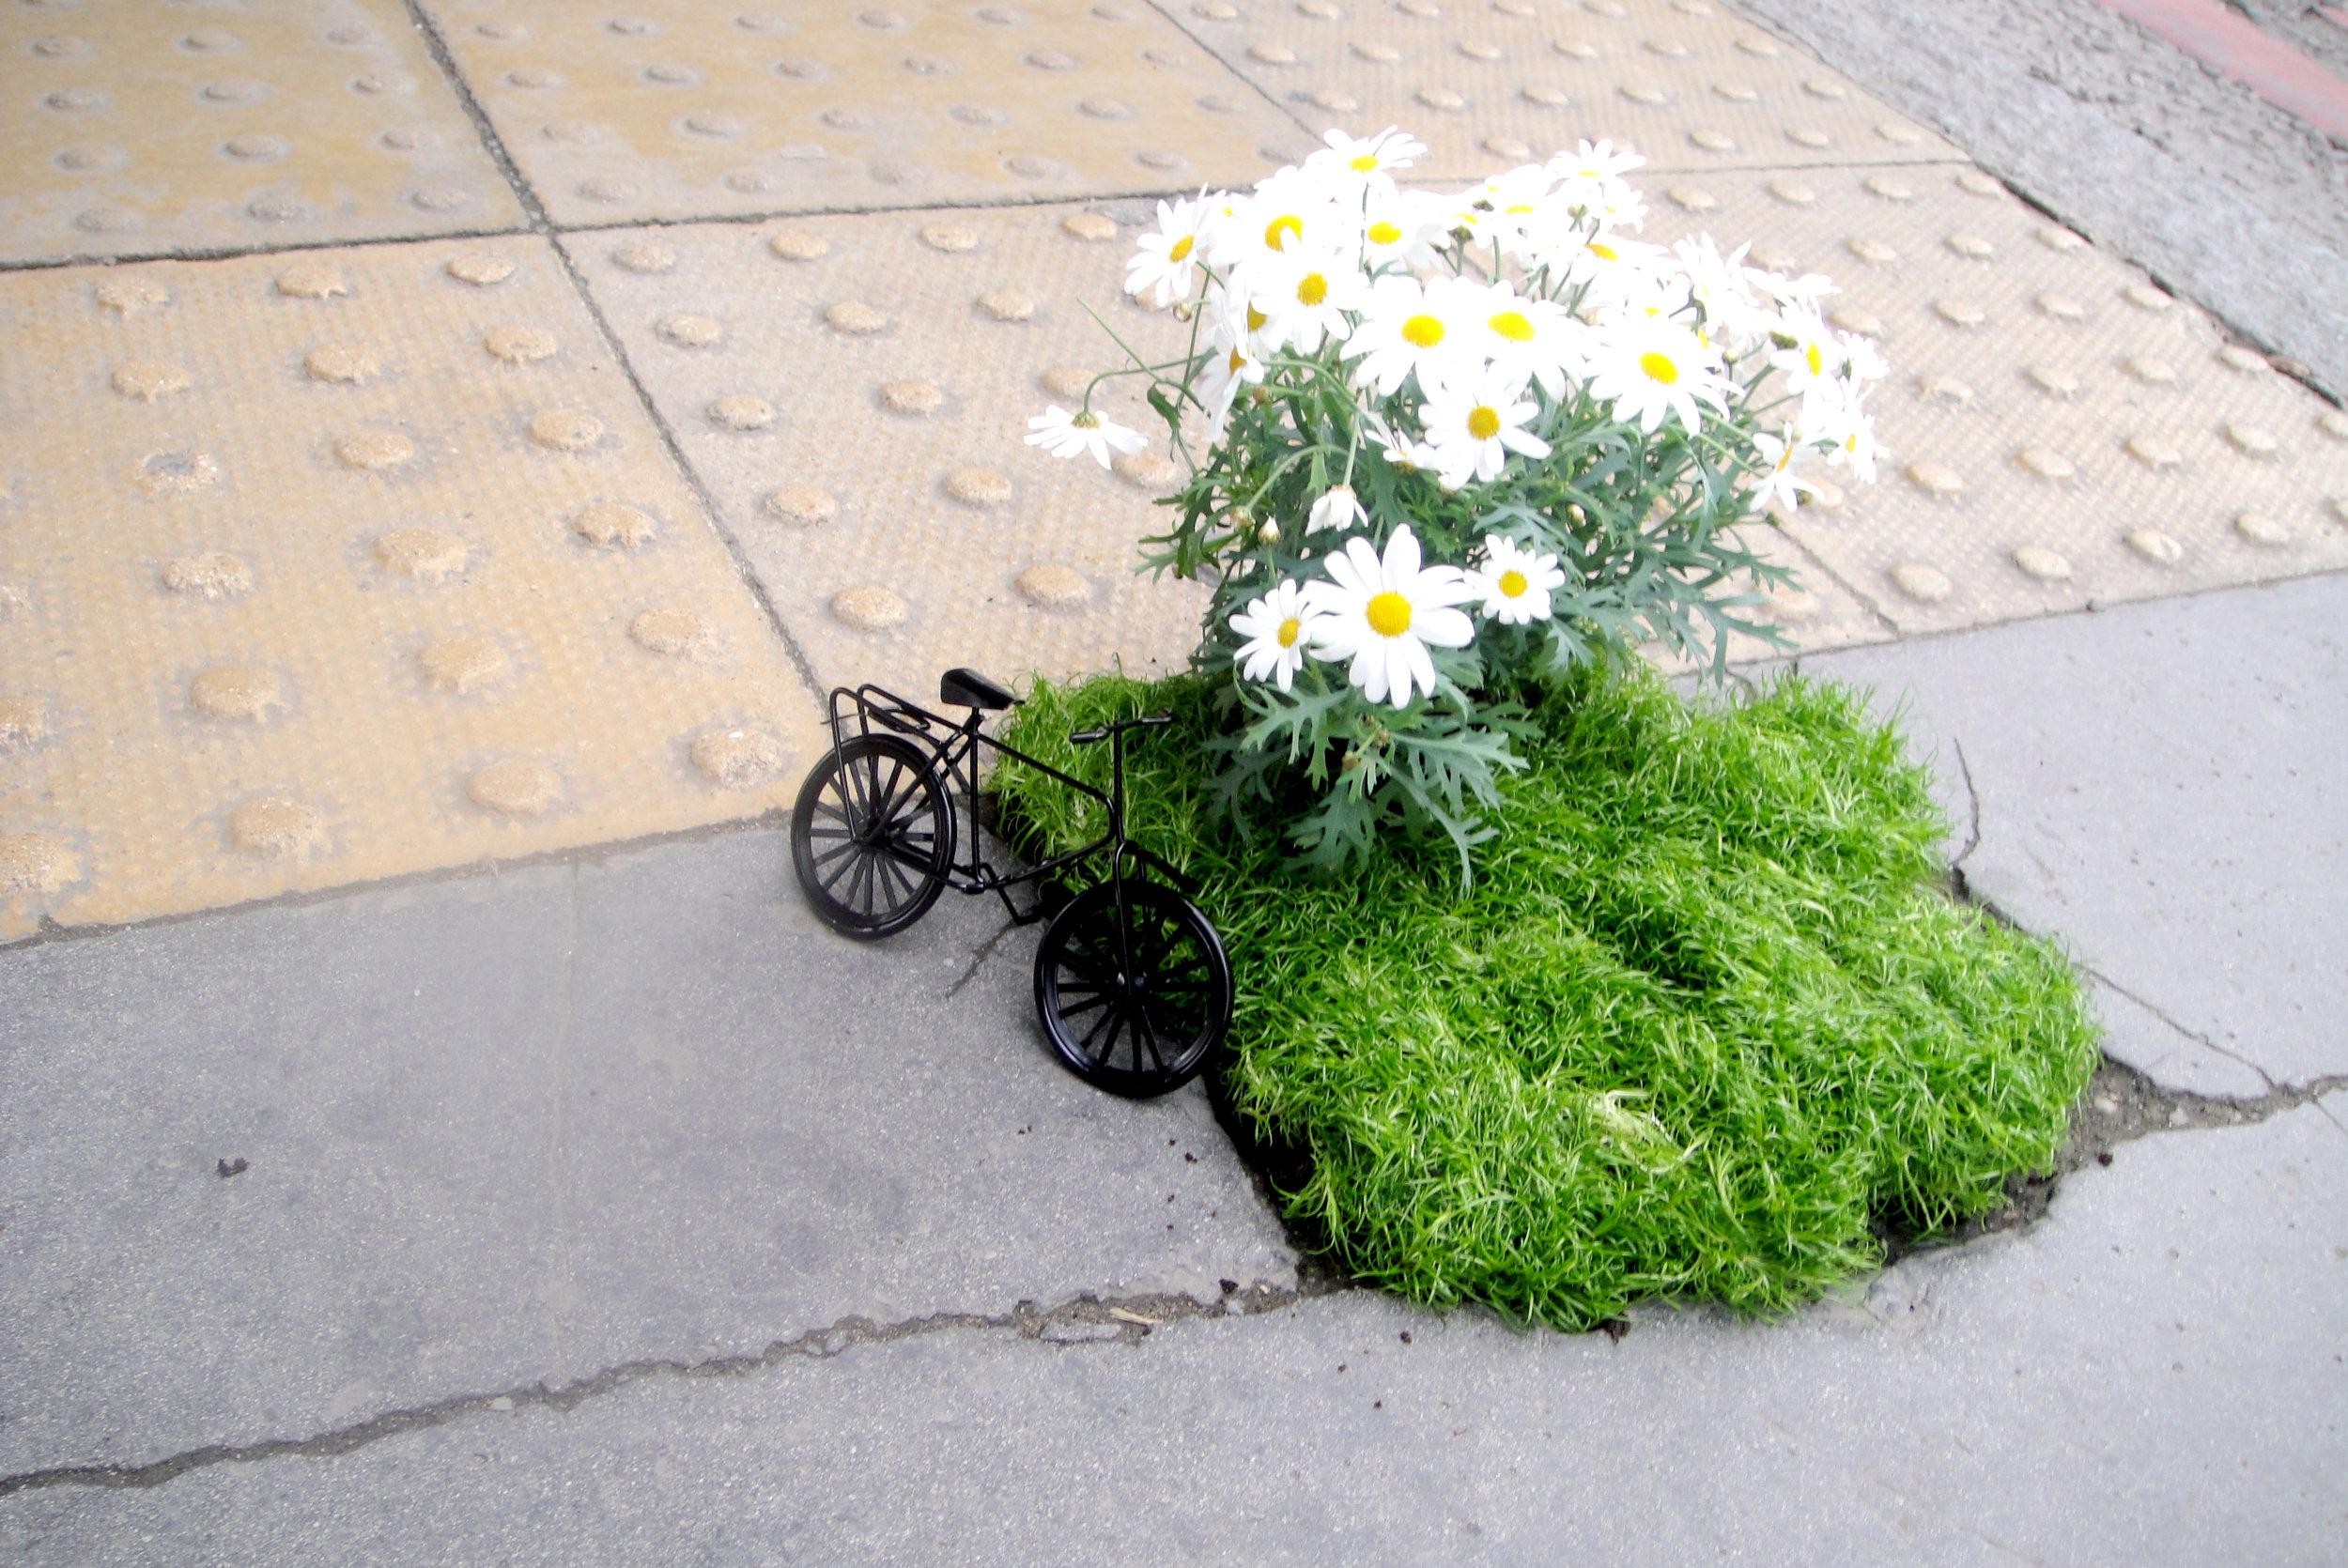 pothole garden bike south london mini garden road steve wheen people looking daisy